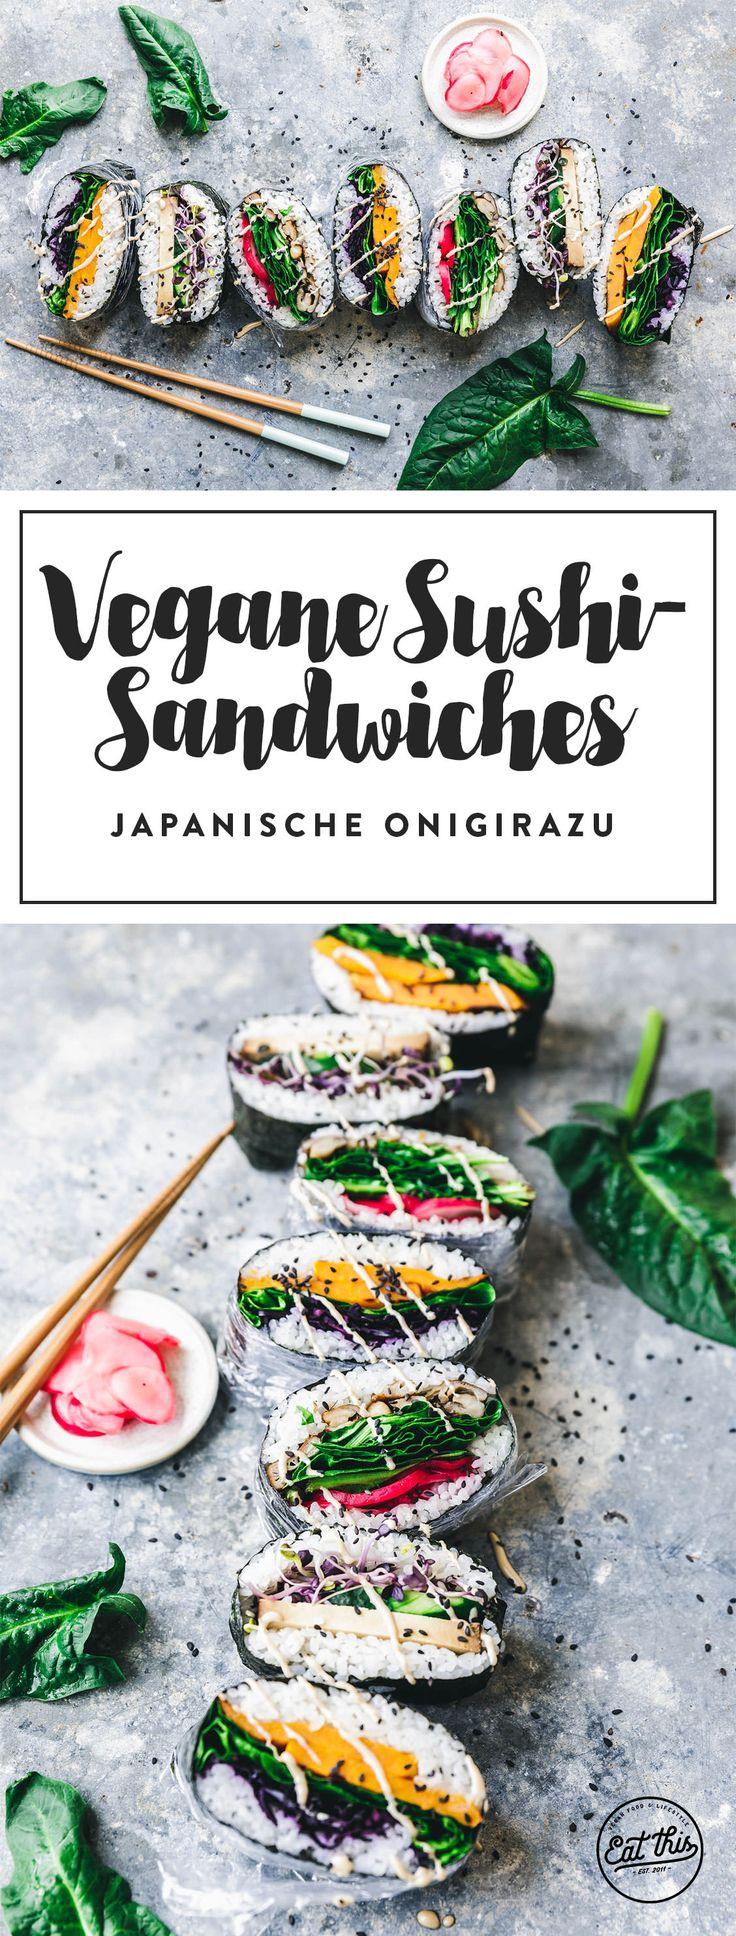 Sushi Sandwiches Onigirazu - Rezept   Bei Kochhaus kannst du aktuell tolle Rezepte finden, um selber Sushi zu machen und viele weitere leckere Gerichte selber zu kochen: https://www.kochhaus.de/aktuelle-rezepte/  (Sushi Selber machen, Nori-Blätter, Sushi-Reis, Rotkohl, Vegan, Vegetarisch, Tofu Katsu, Sojasauce, Soja-Soße, Crunchy, Knuspriger Sushi, Sesamöl, Reisessig, Nigiri, Temaki, Tamari, Süßkartofel, Gesund, Kochen, Kochhaus)